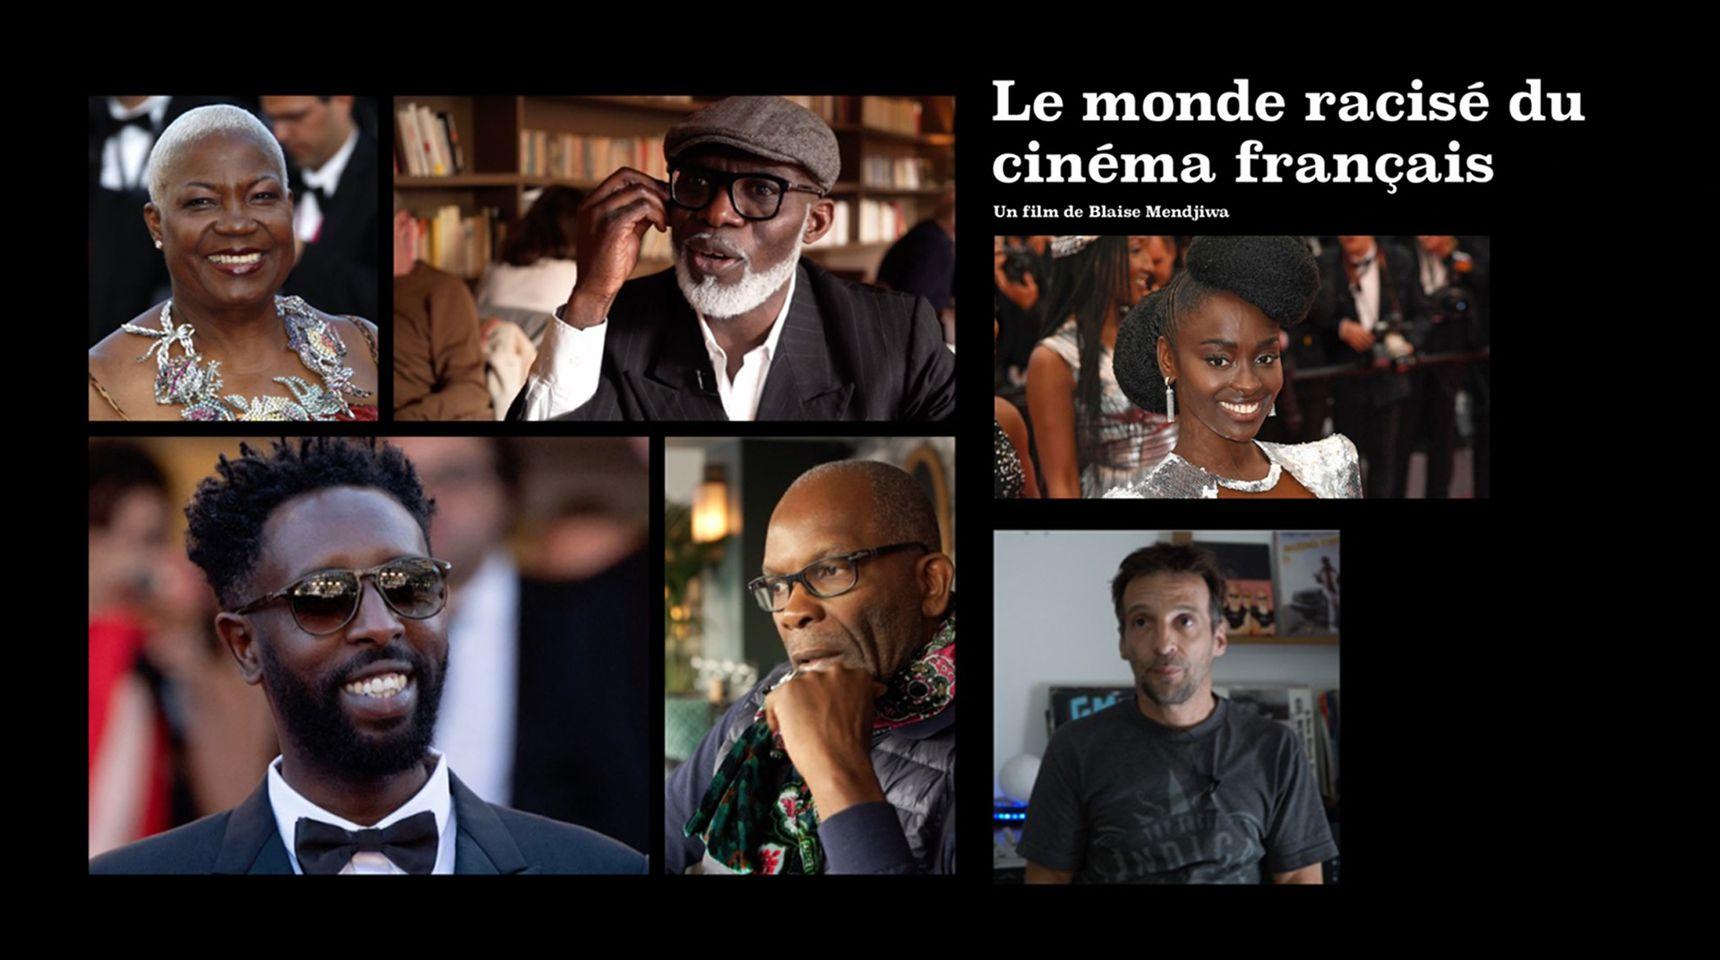 """""""Le monde racisé du cinéma français"""" le documentaire de Blaise Mendjiwa diffusé sur Canal+ le 22 juillet"""